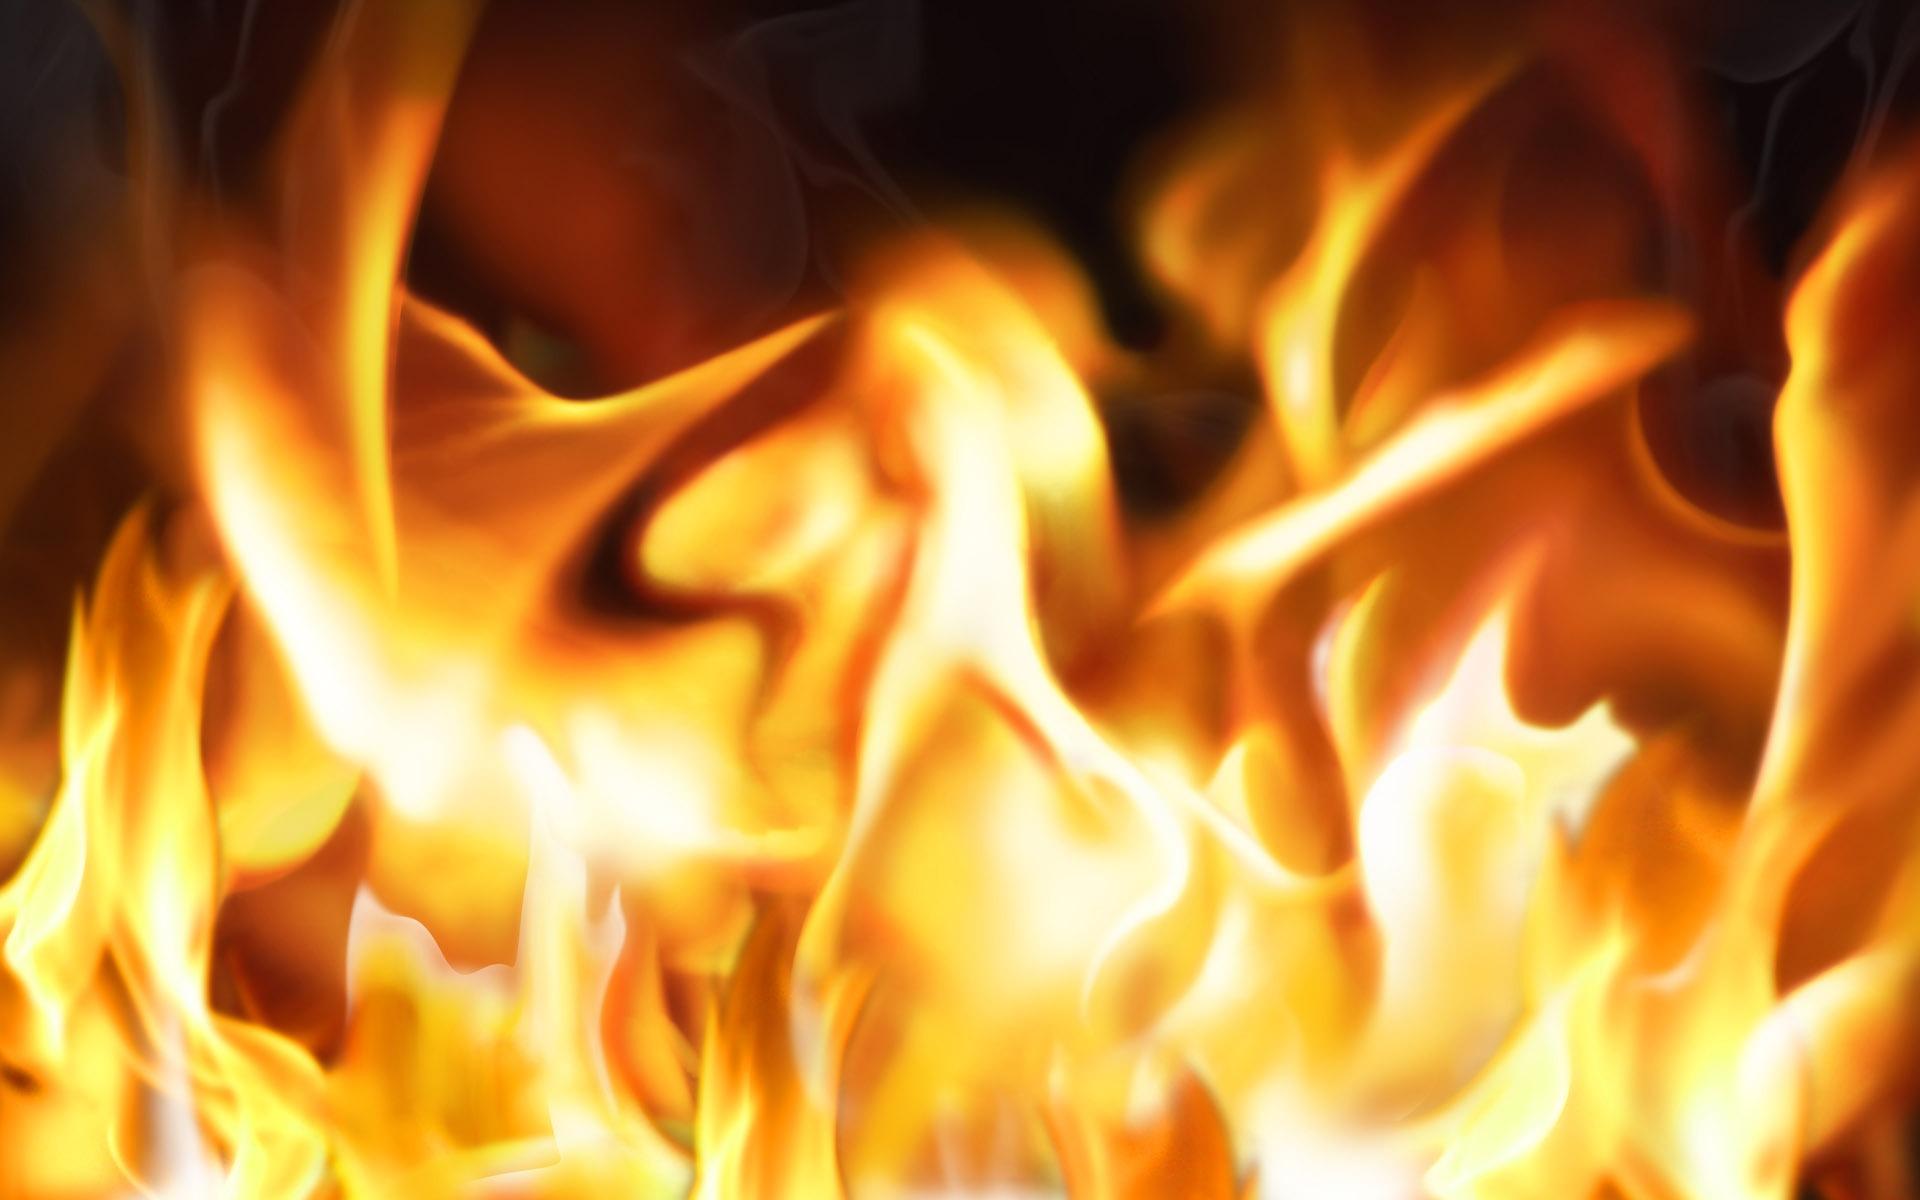 炎の特徴のHD壁紙 #1 - 1920x1200   炎の特徴のHD壁紙 #1